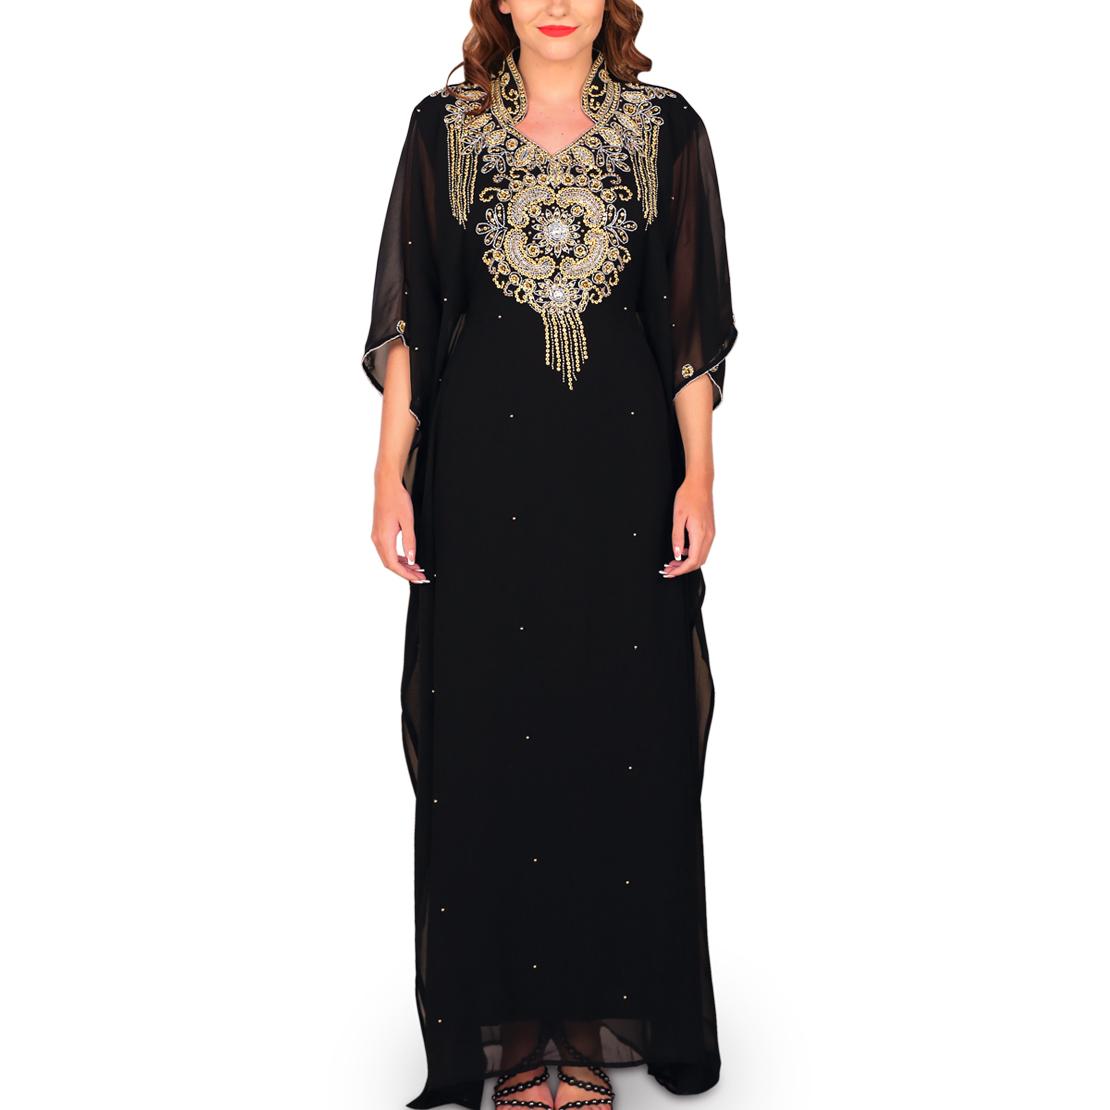 Zeinah Black Jalabiya